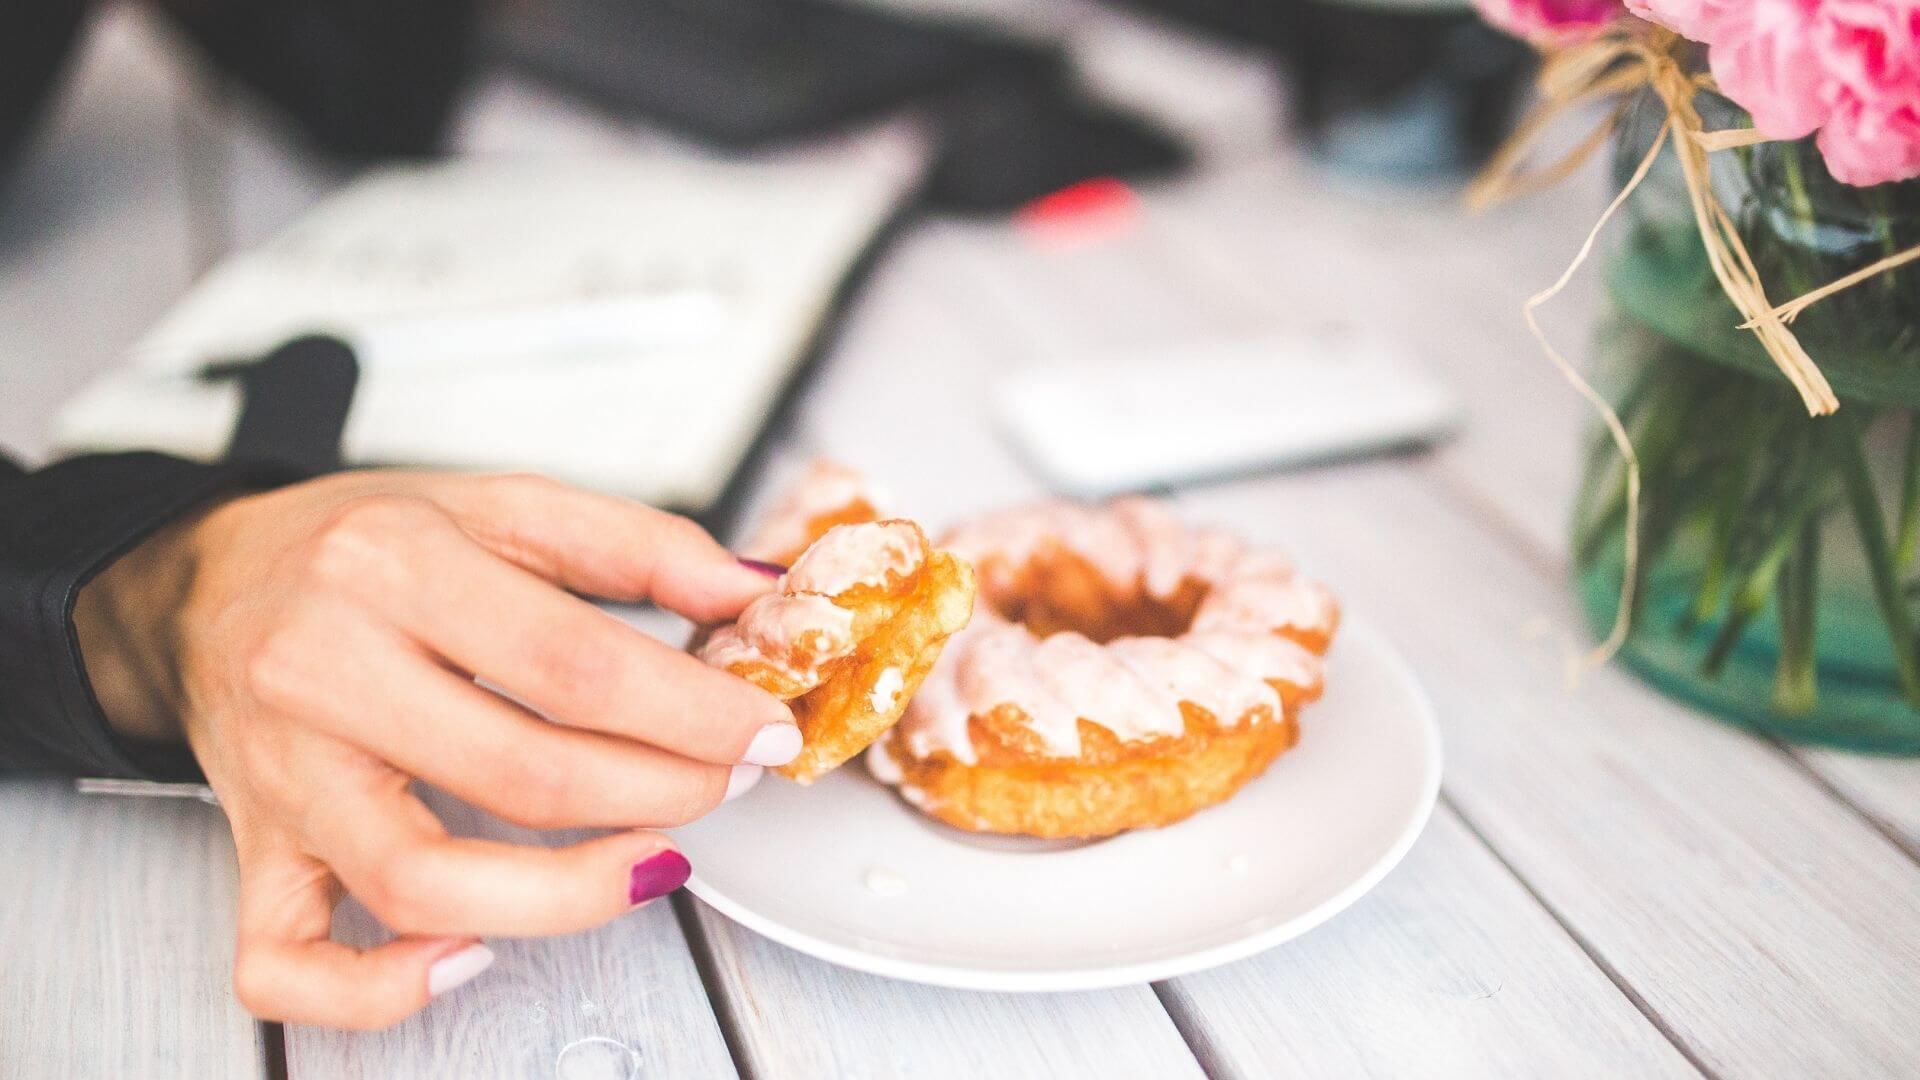 weibliche Hand greift nach Spritzkuchen